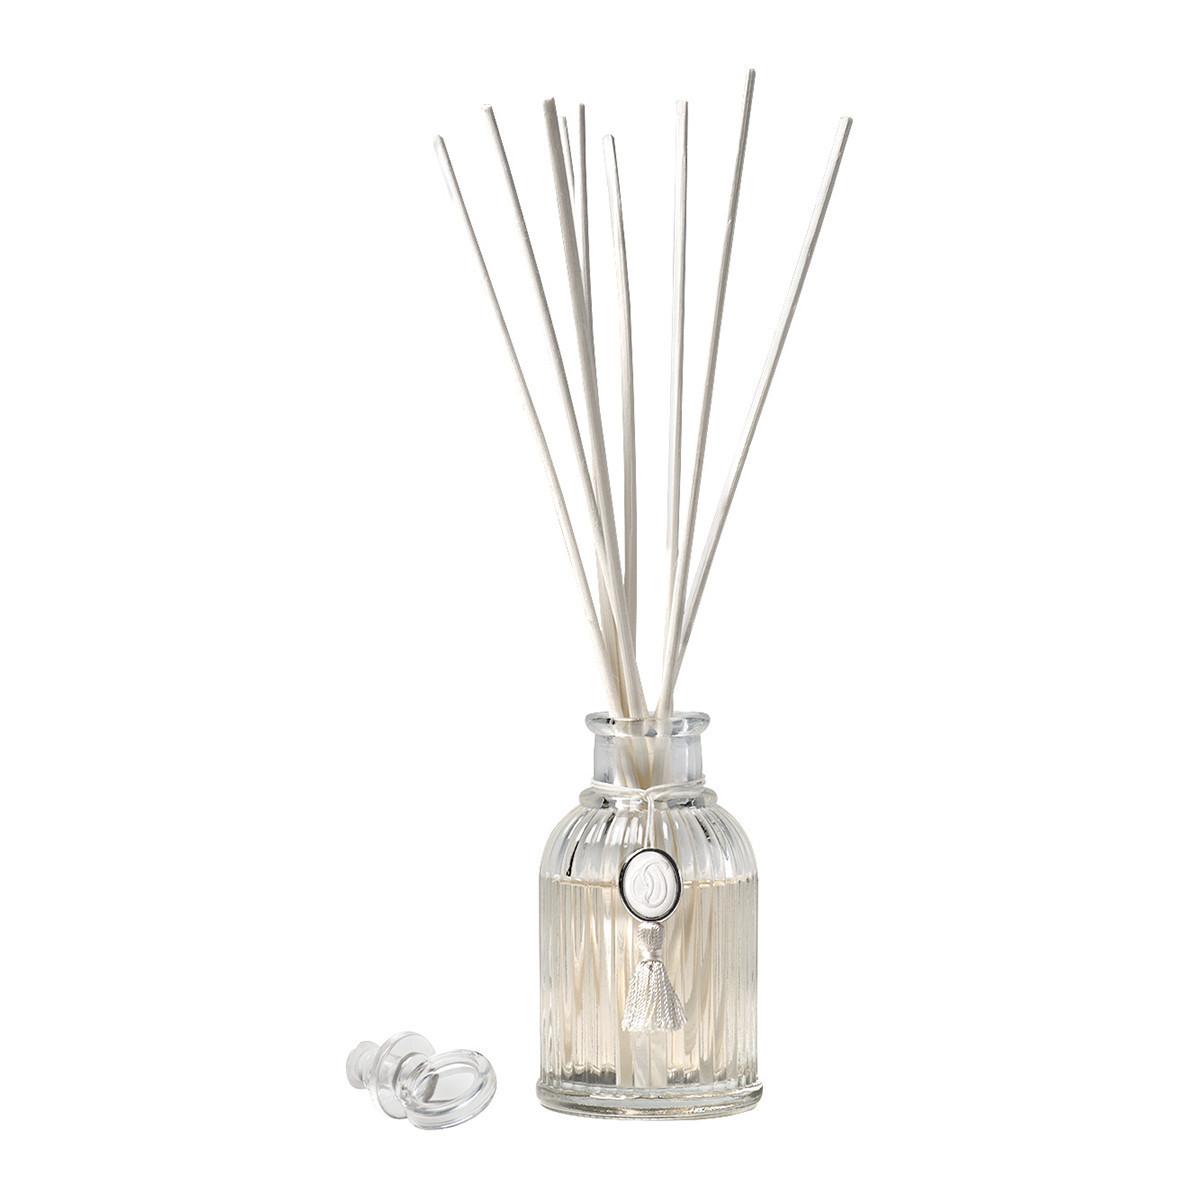 Аромадиффузор аромат для дома Опаловая пудра 80мл DIIGOP